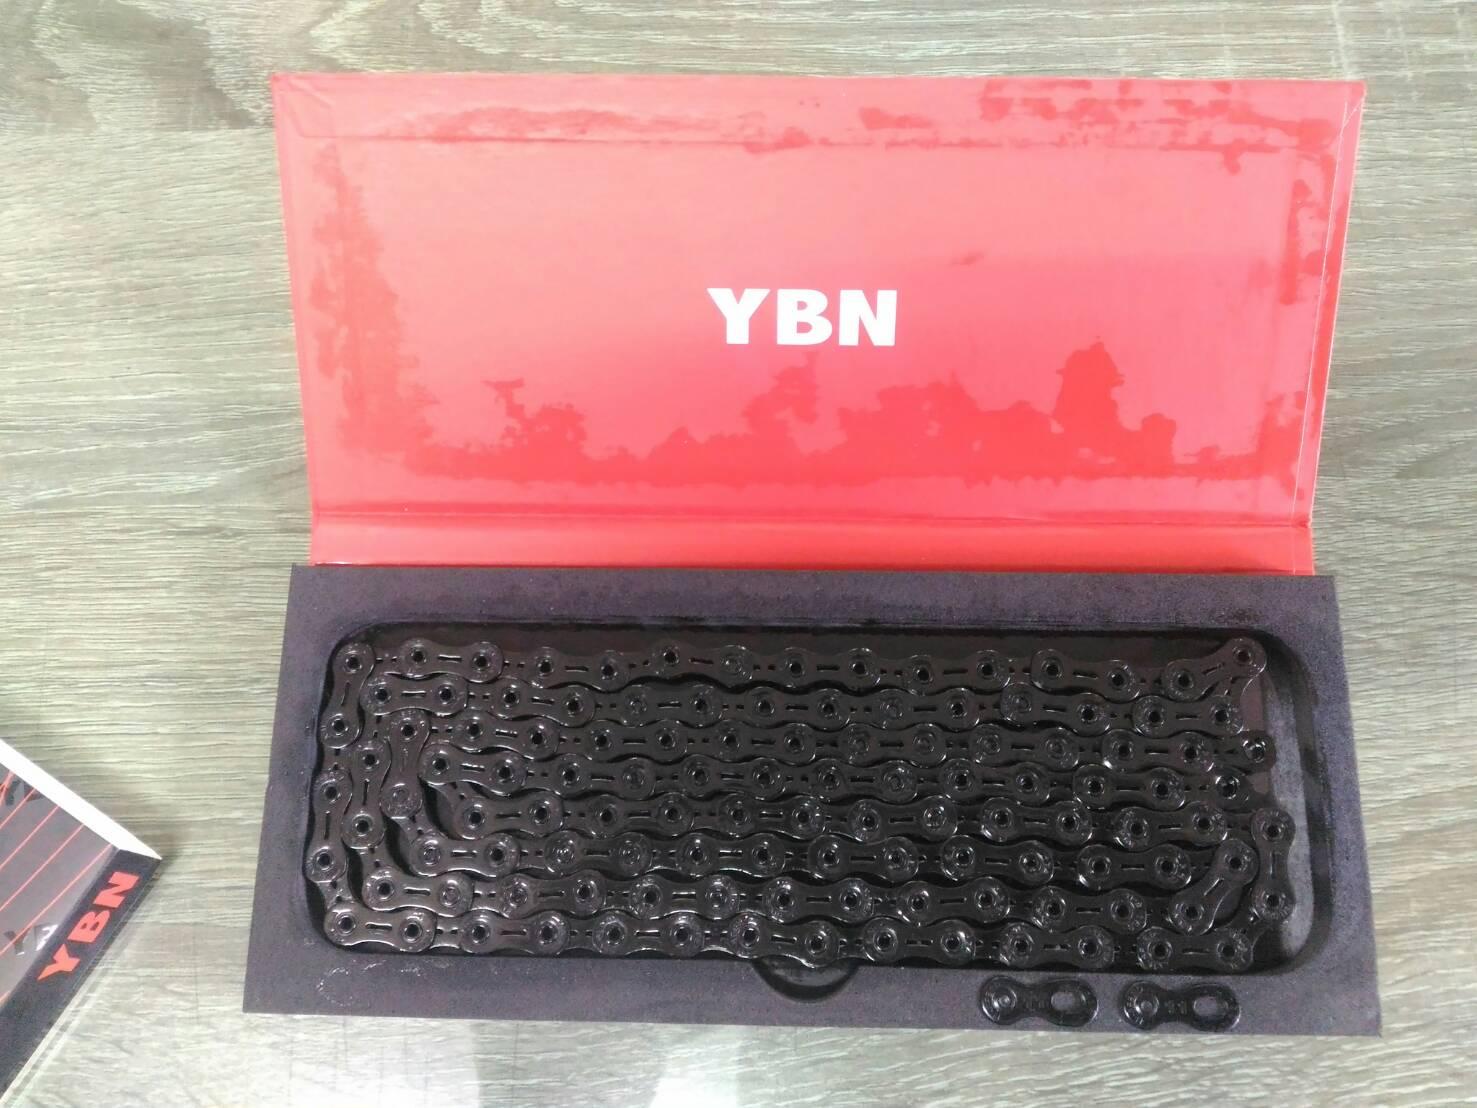 โซ่ YBN 11sp ไทเทเนี่ยน เซาะร่อง สีดำ